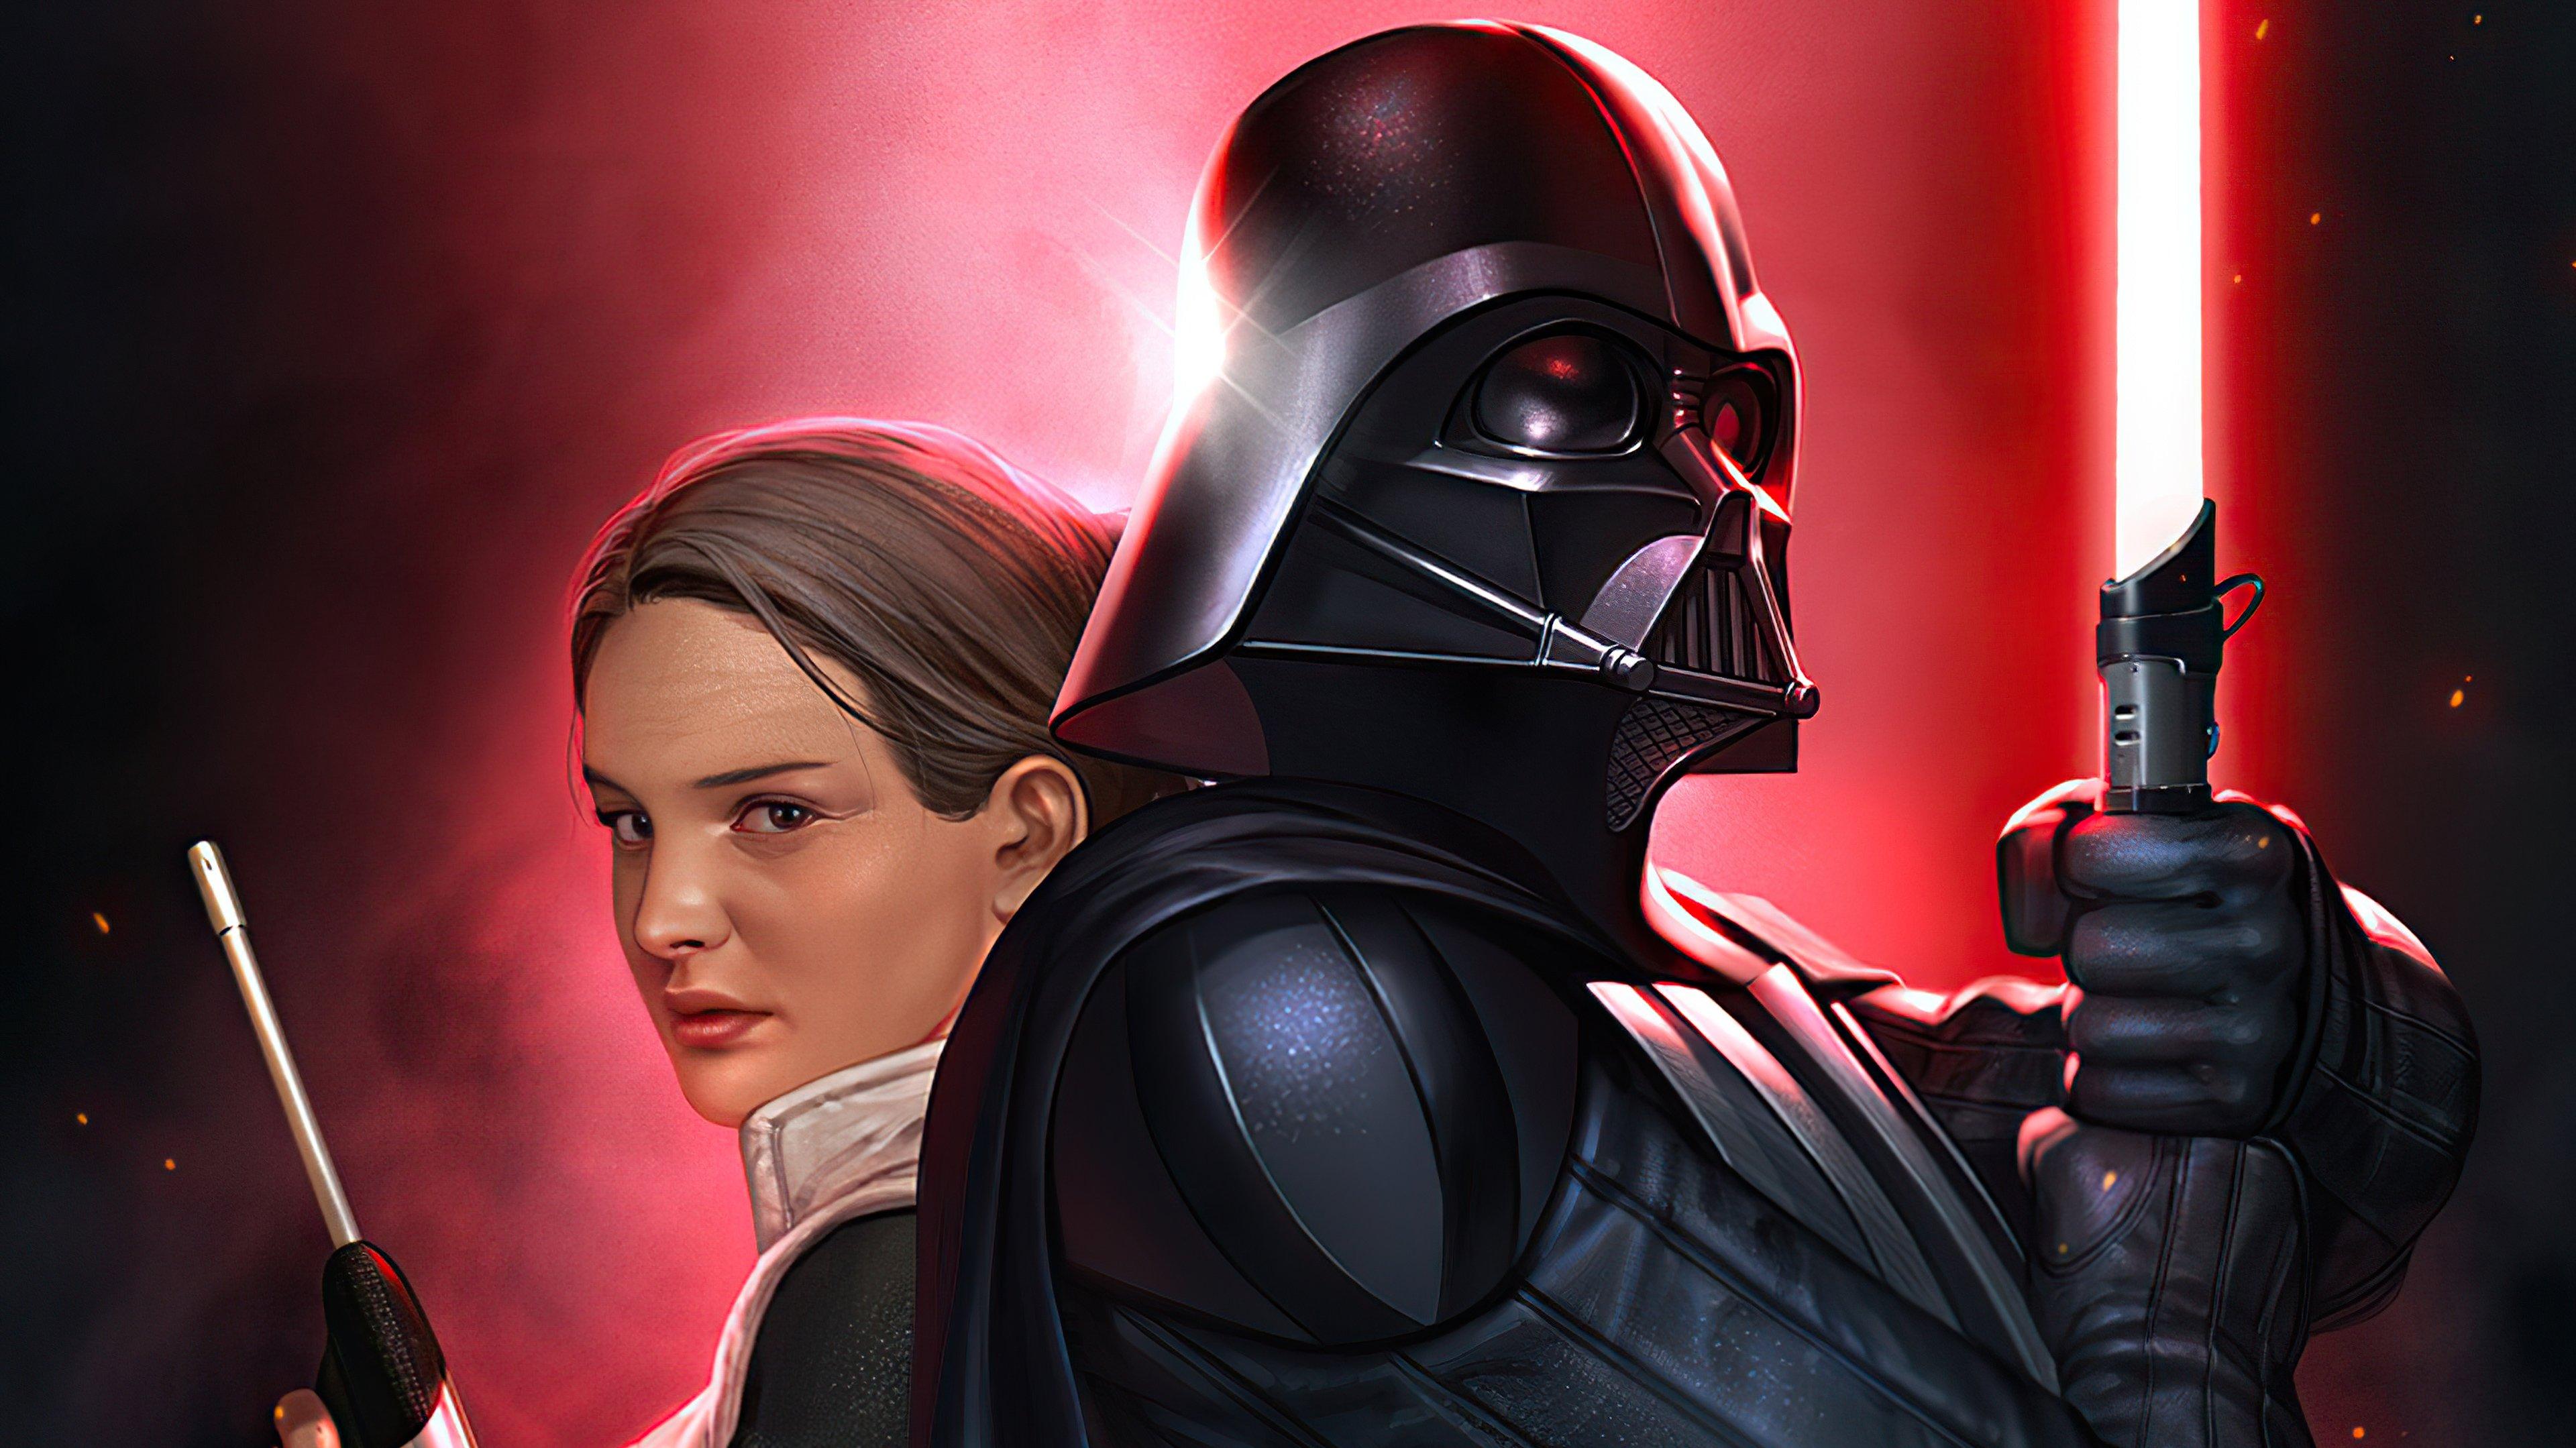 Wallpaper Darth Vader Star Wars